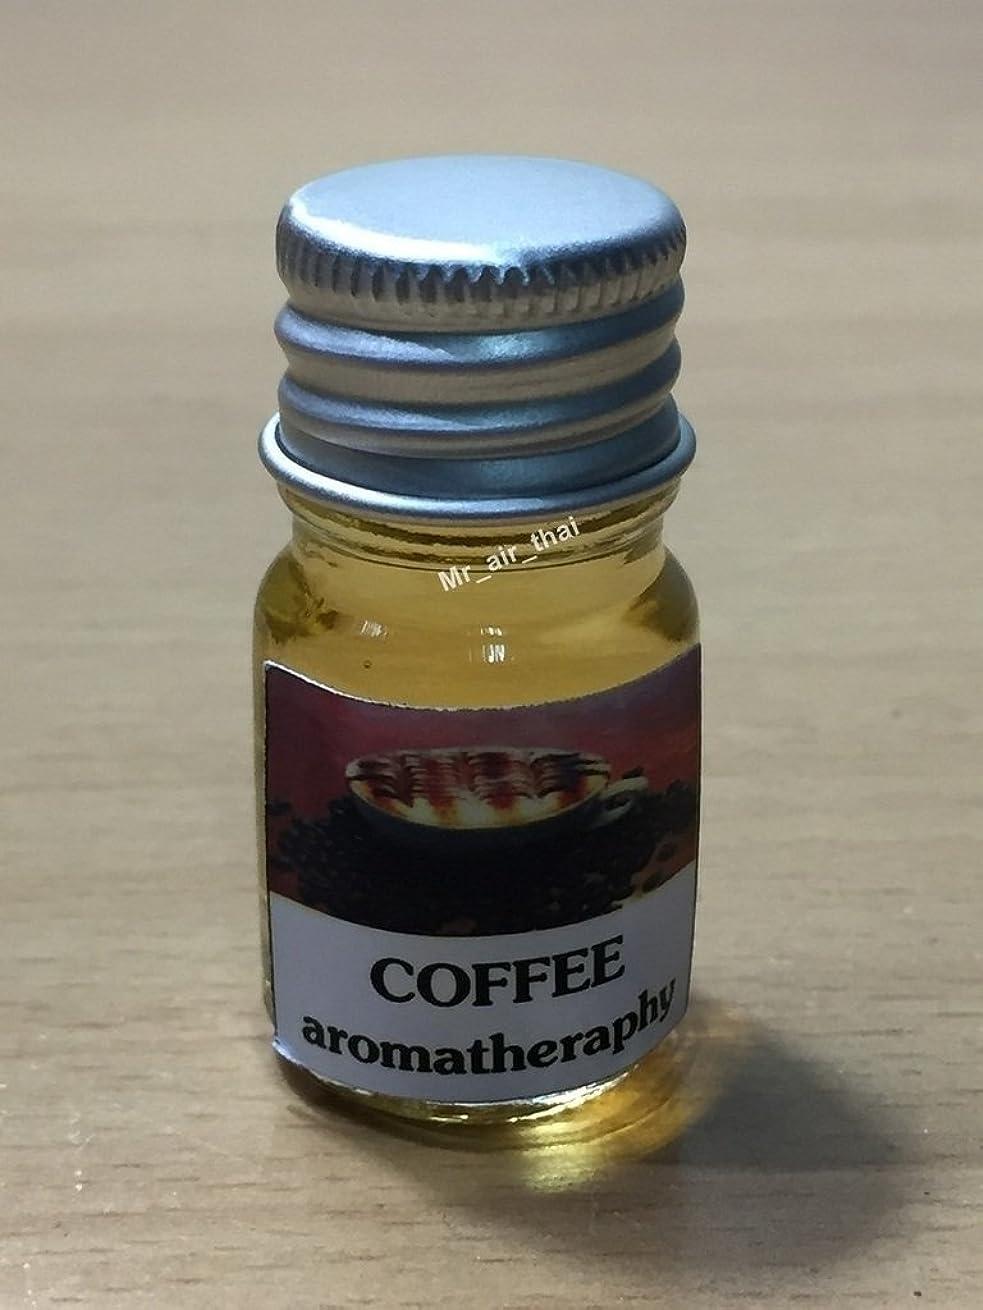 バルーン常習者最小5ミリリットルアロマコーヒーフランクインセンスエッセンシャルオイルボトルアロマテラピーオイル自然自然5ml Aroma Coffee Frankincense Essential Oil Bottles Aromatherapy Oils natural nature